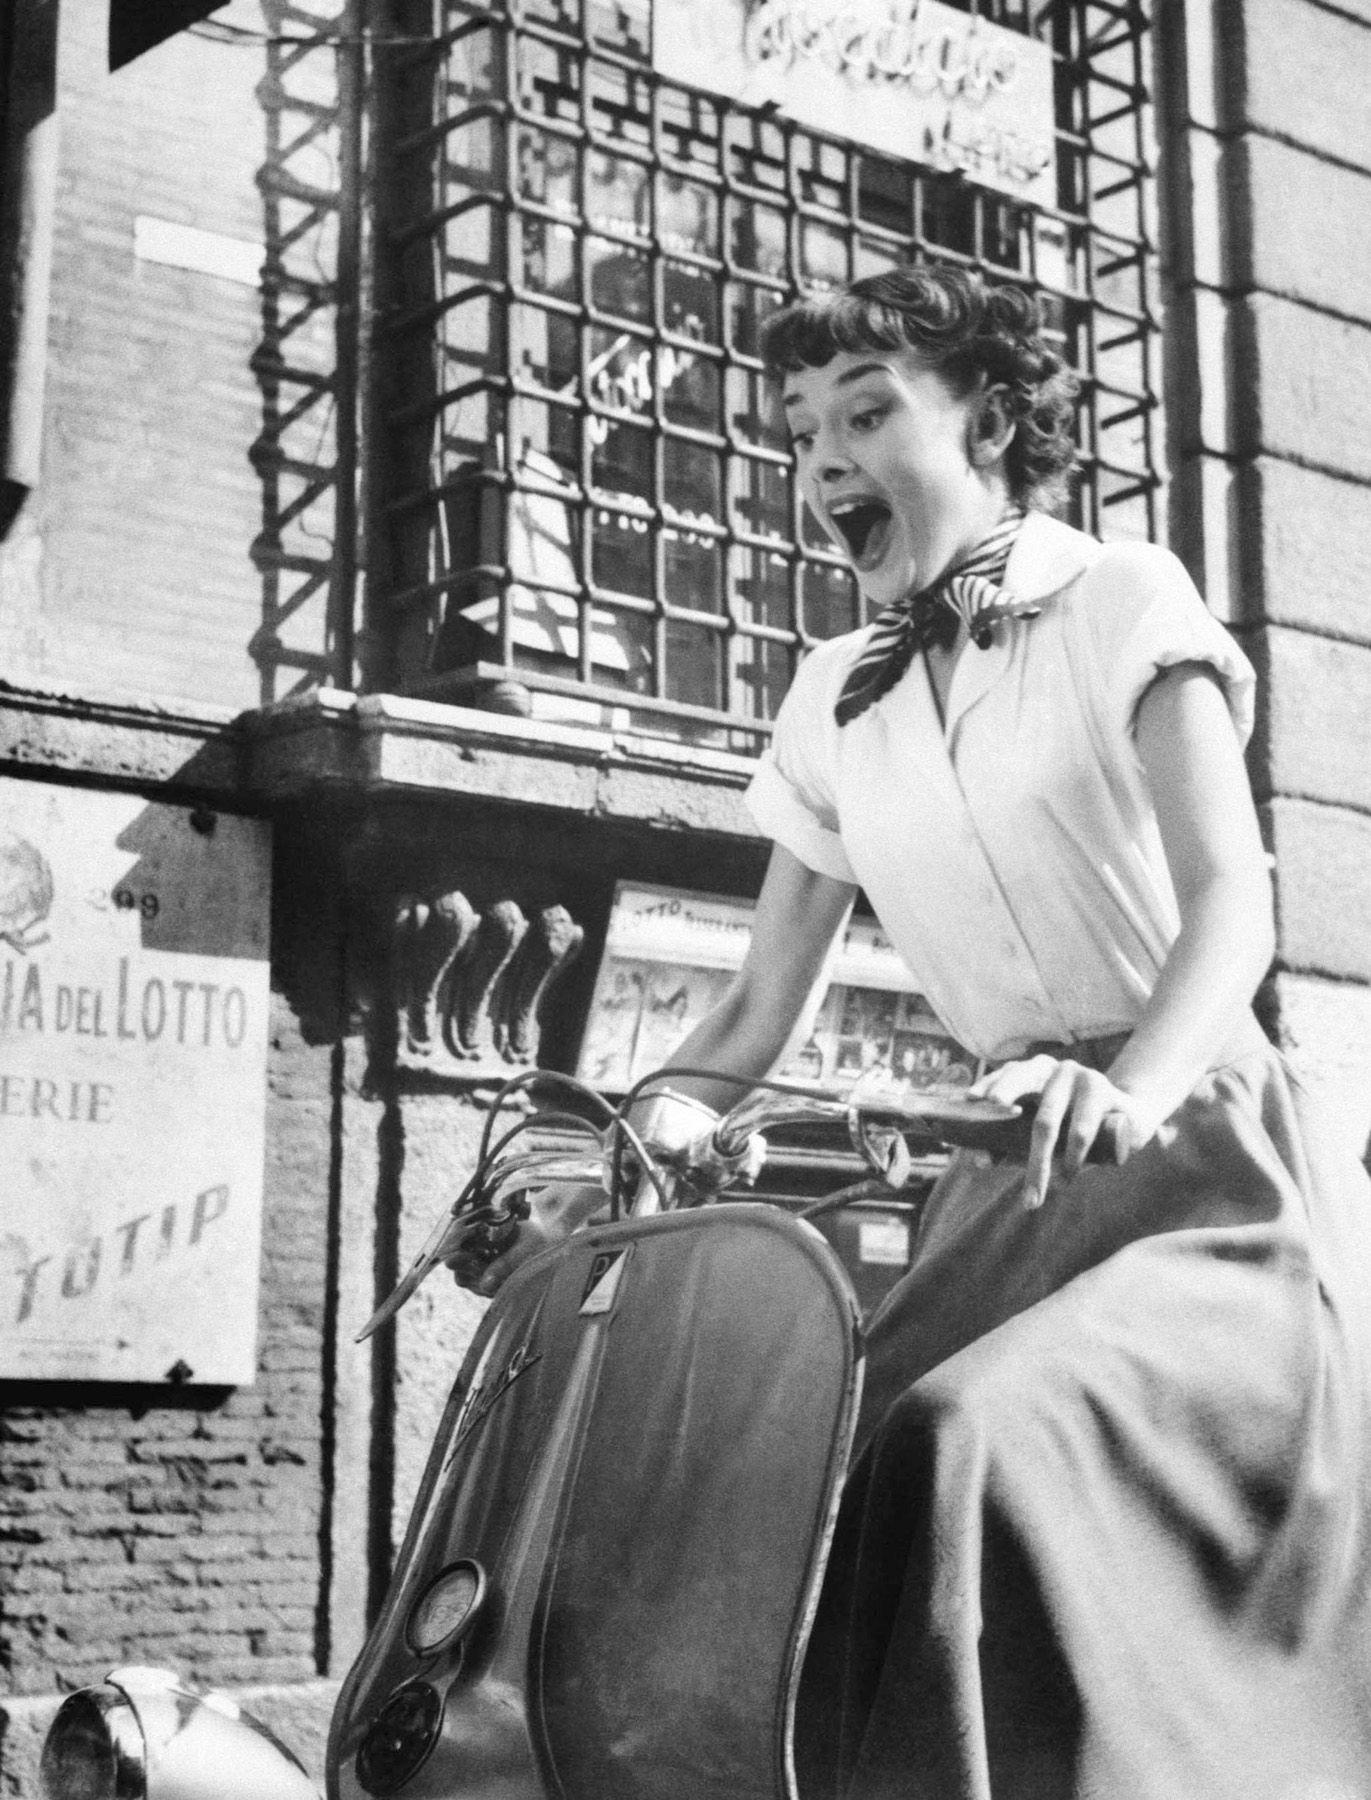 O segredo pessoal de Audrey Hepburn para o sucesso: fazer sempre o que quis, e nunca o que os outros esperaram dela.